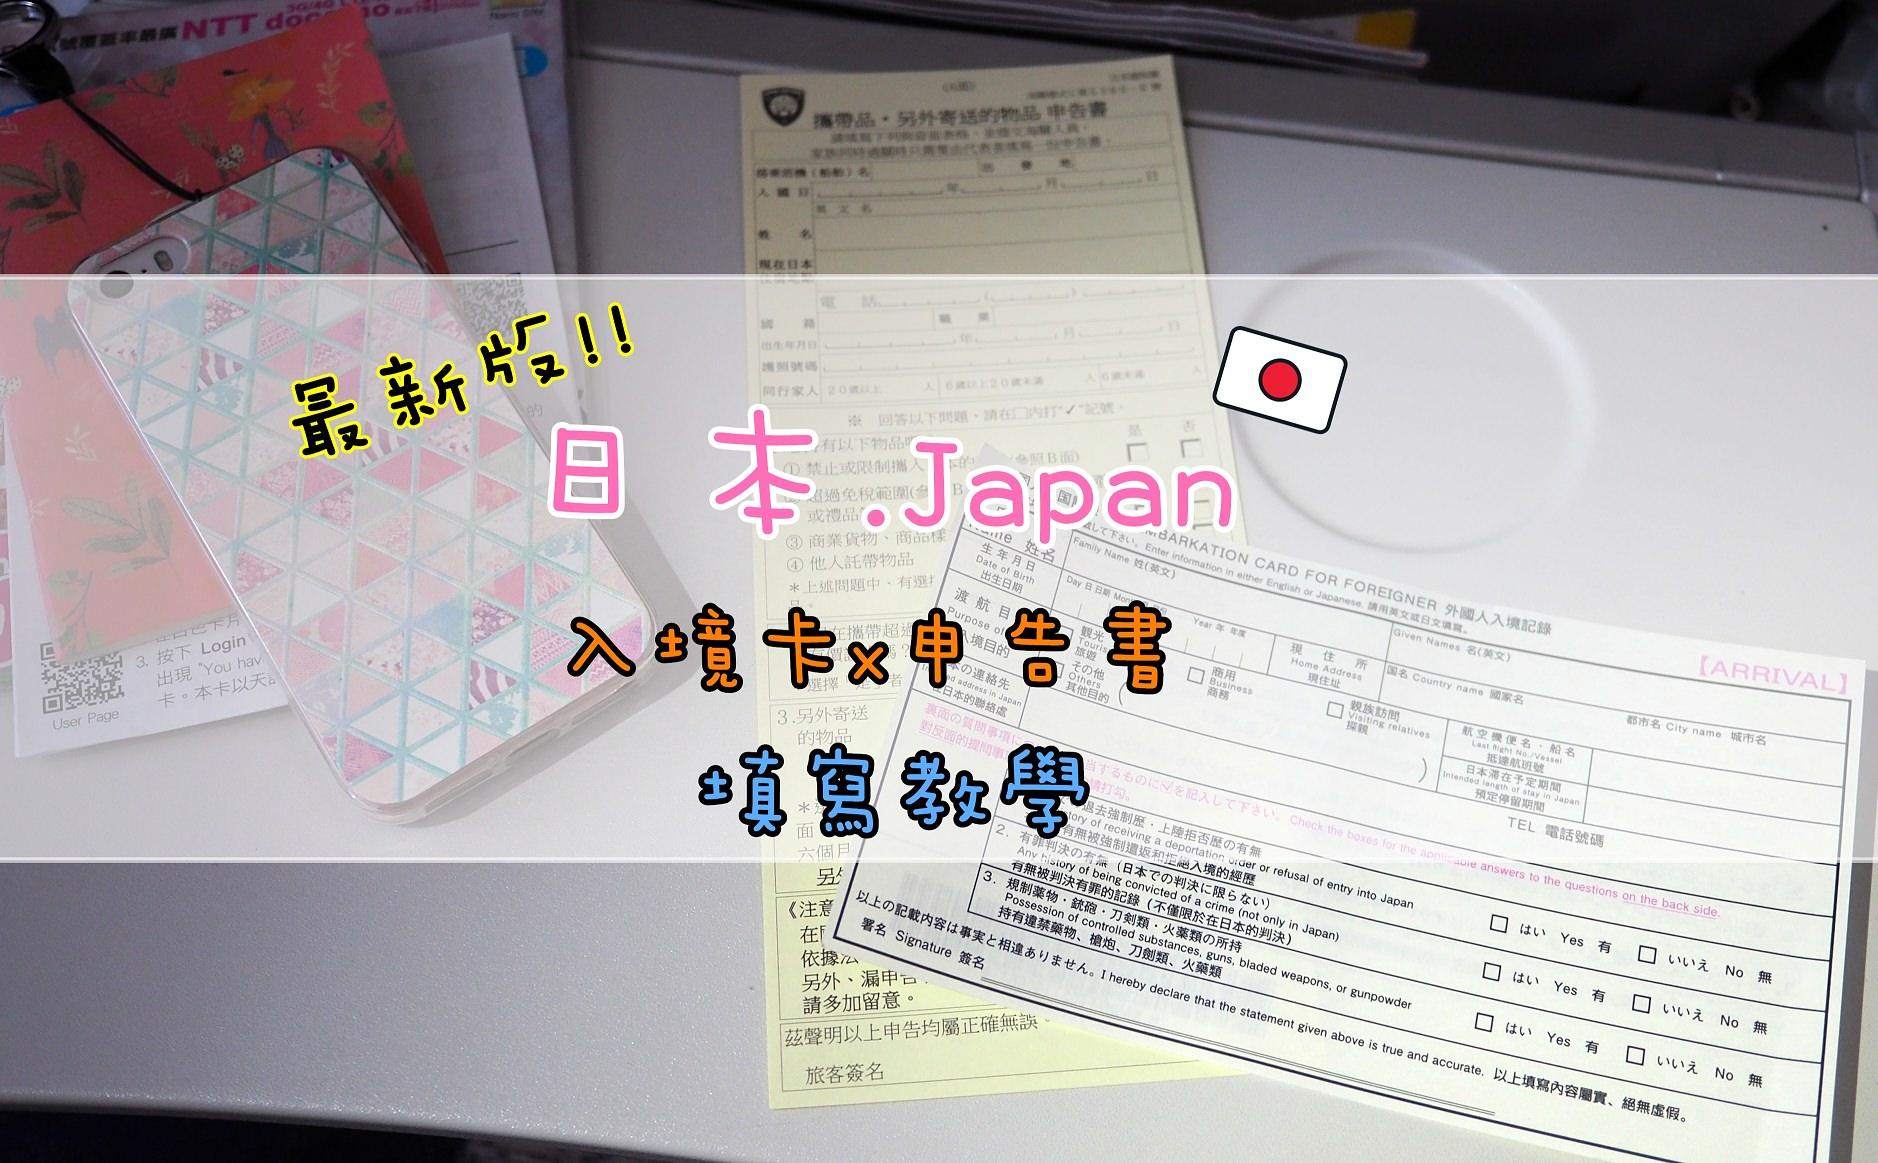 【2018東京/大阪自由行】輕鬆填寫~ 日本出入境卡、海關申告書填寫圖文教學